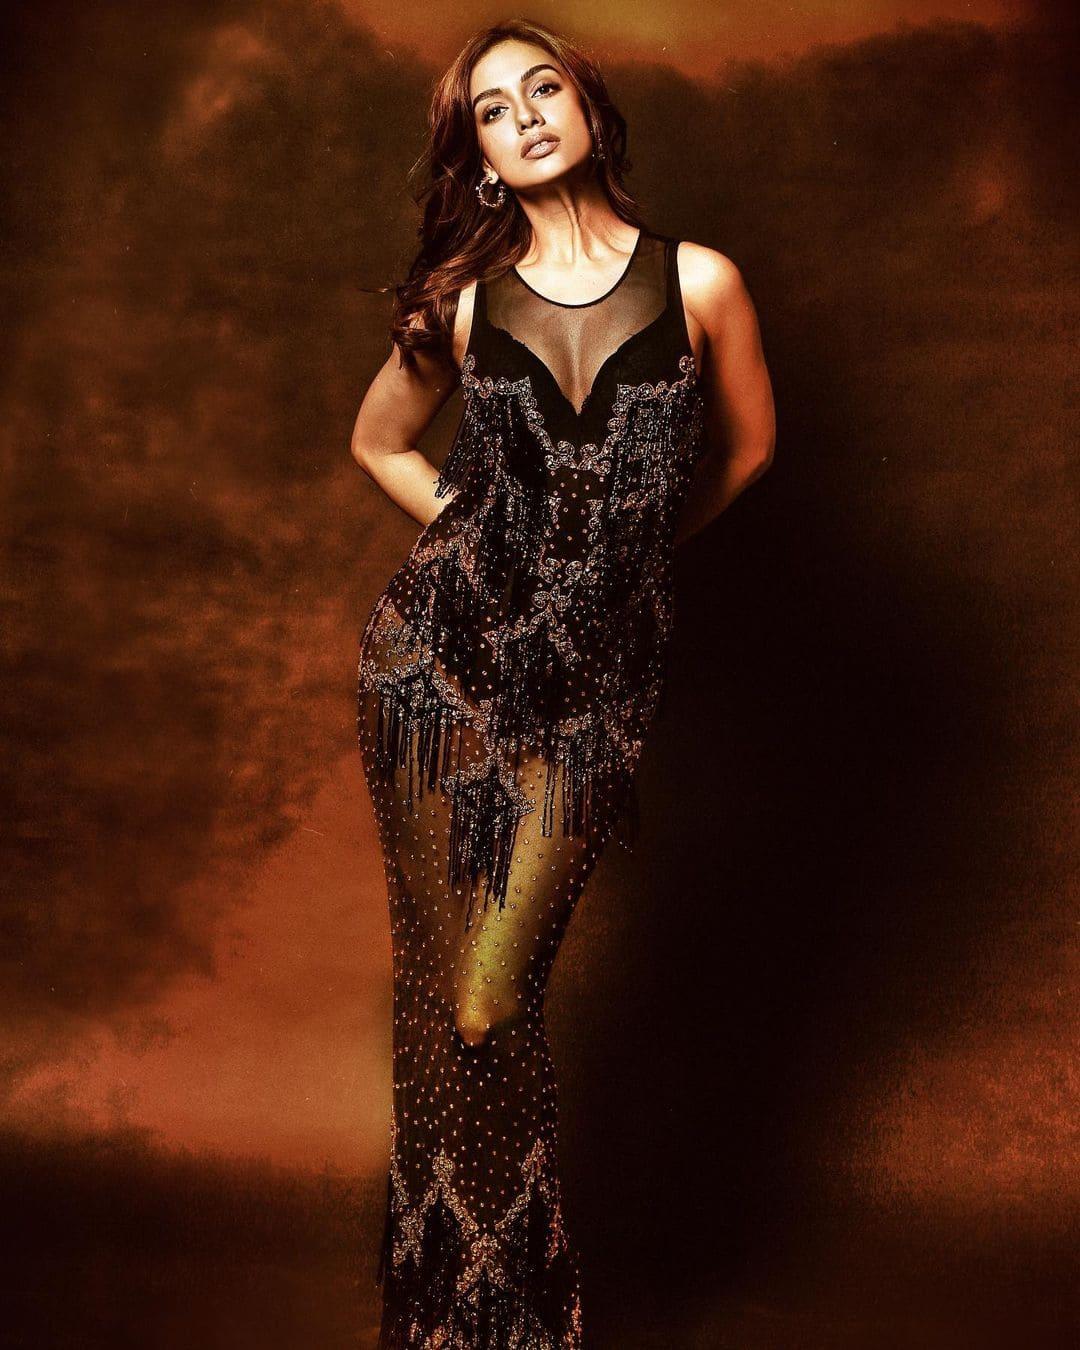 Divya Agarwal raises the mercury in a black embellished dress